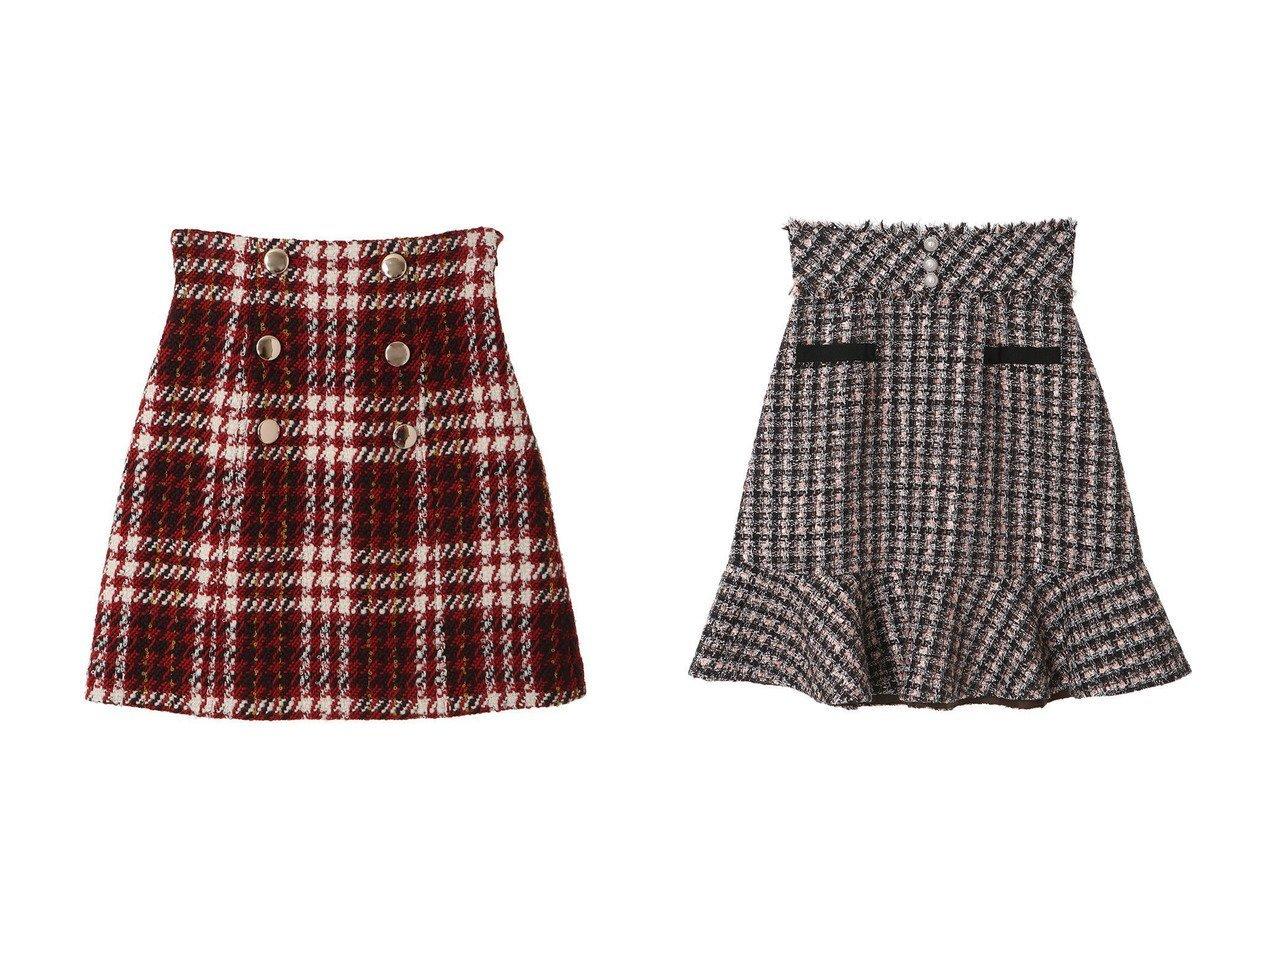 【31 Sons de mode/トランテアン ソン ドゥ モード】のチェック台形スカート&裾フリルツイードスカート 【スカート】おすすめ!人気、トレンド・レディースファッションの通販 おすすめで人気の流行・トレンド、ファッションの通販商品 インテリア・家具・メンズファッション・キッズファッション・レディースファッション・服の通販 founy(ファニー) https://founy.com/ ファッション Fashion レディースファッション WOMEN スカート Skirt 台形スカート Trapezoid Skirt コンパクト シンプル チェック 台形 ミニスカート ロング 冬 Winter A/W・秋冬 AW・Autumn/Winter・FW・Fall-Winter 2021年 2021 2021-2022秋冬・A/W AW・Autumn/Winter・FW・Fall-Winter・2021-2022 |ID:crp329100000071369